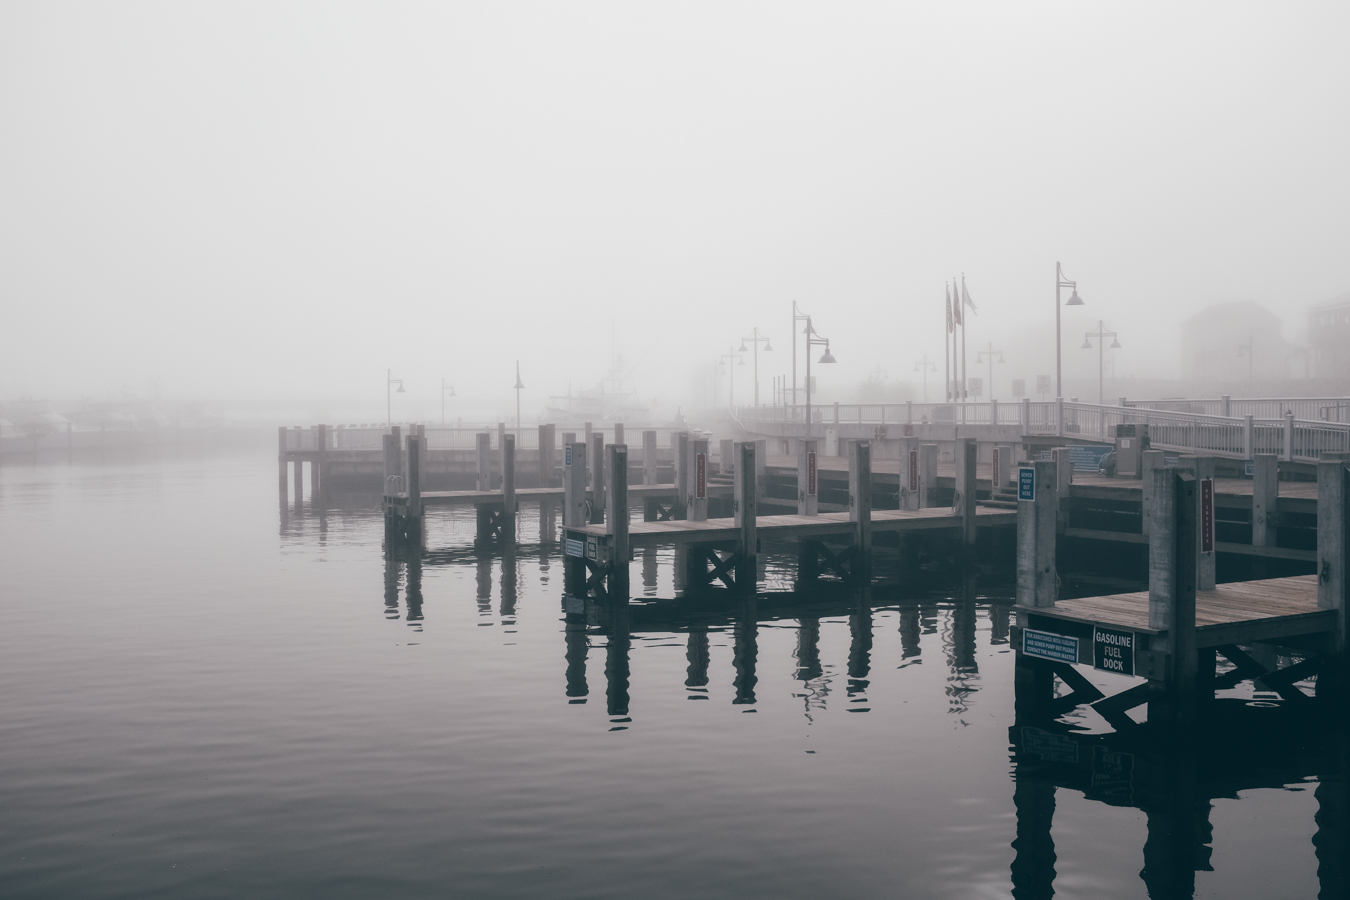 KK_foggybeach-1578.jpg